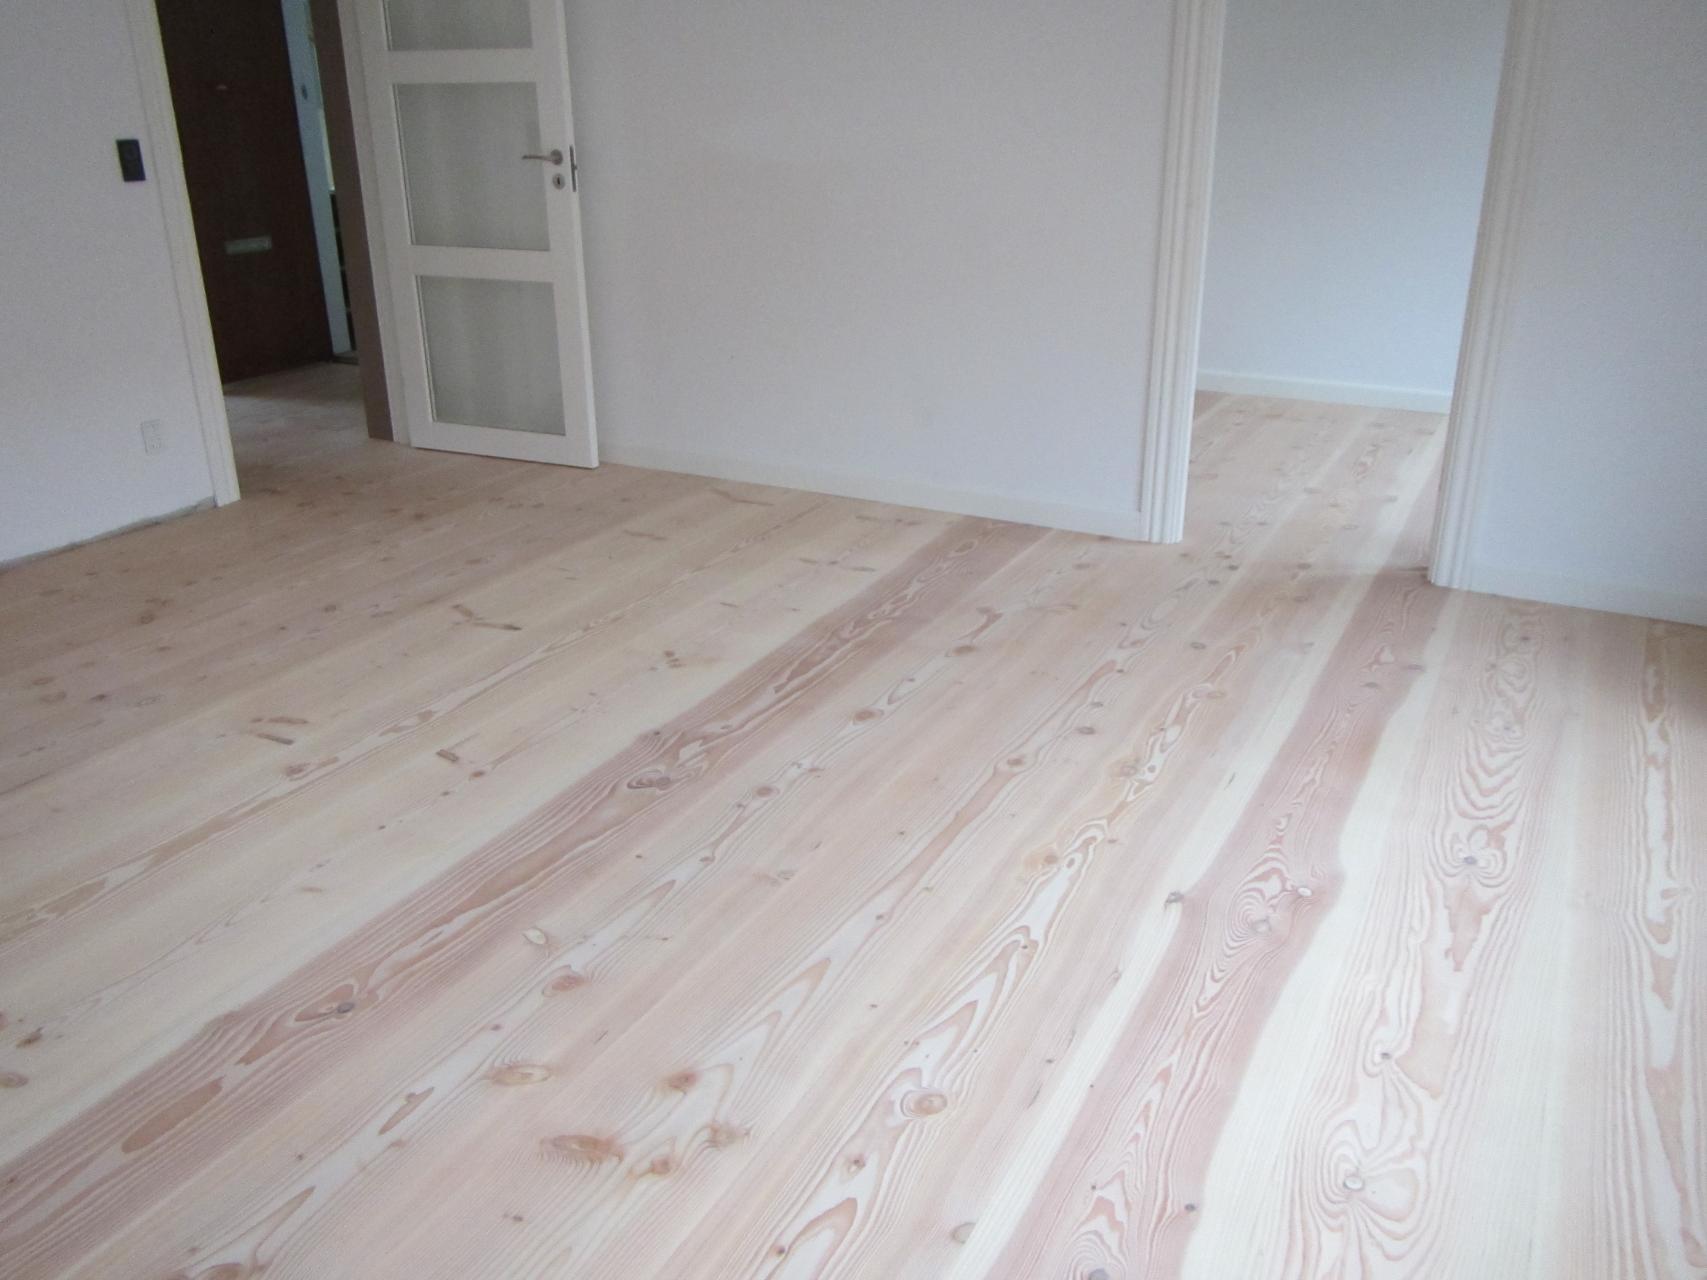 Lejlighed i Gentofte   Dansk plank jydsk gulvdesign